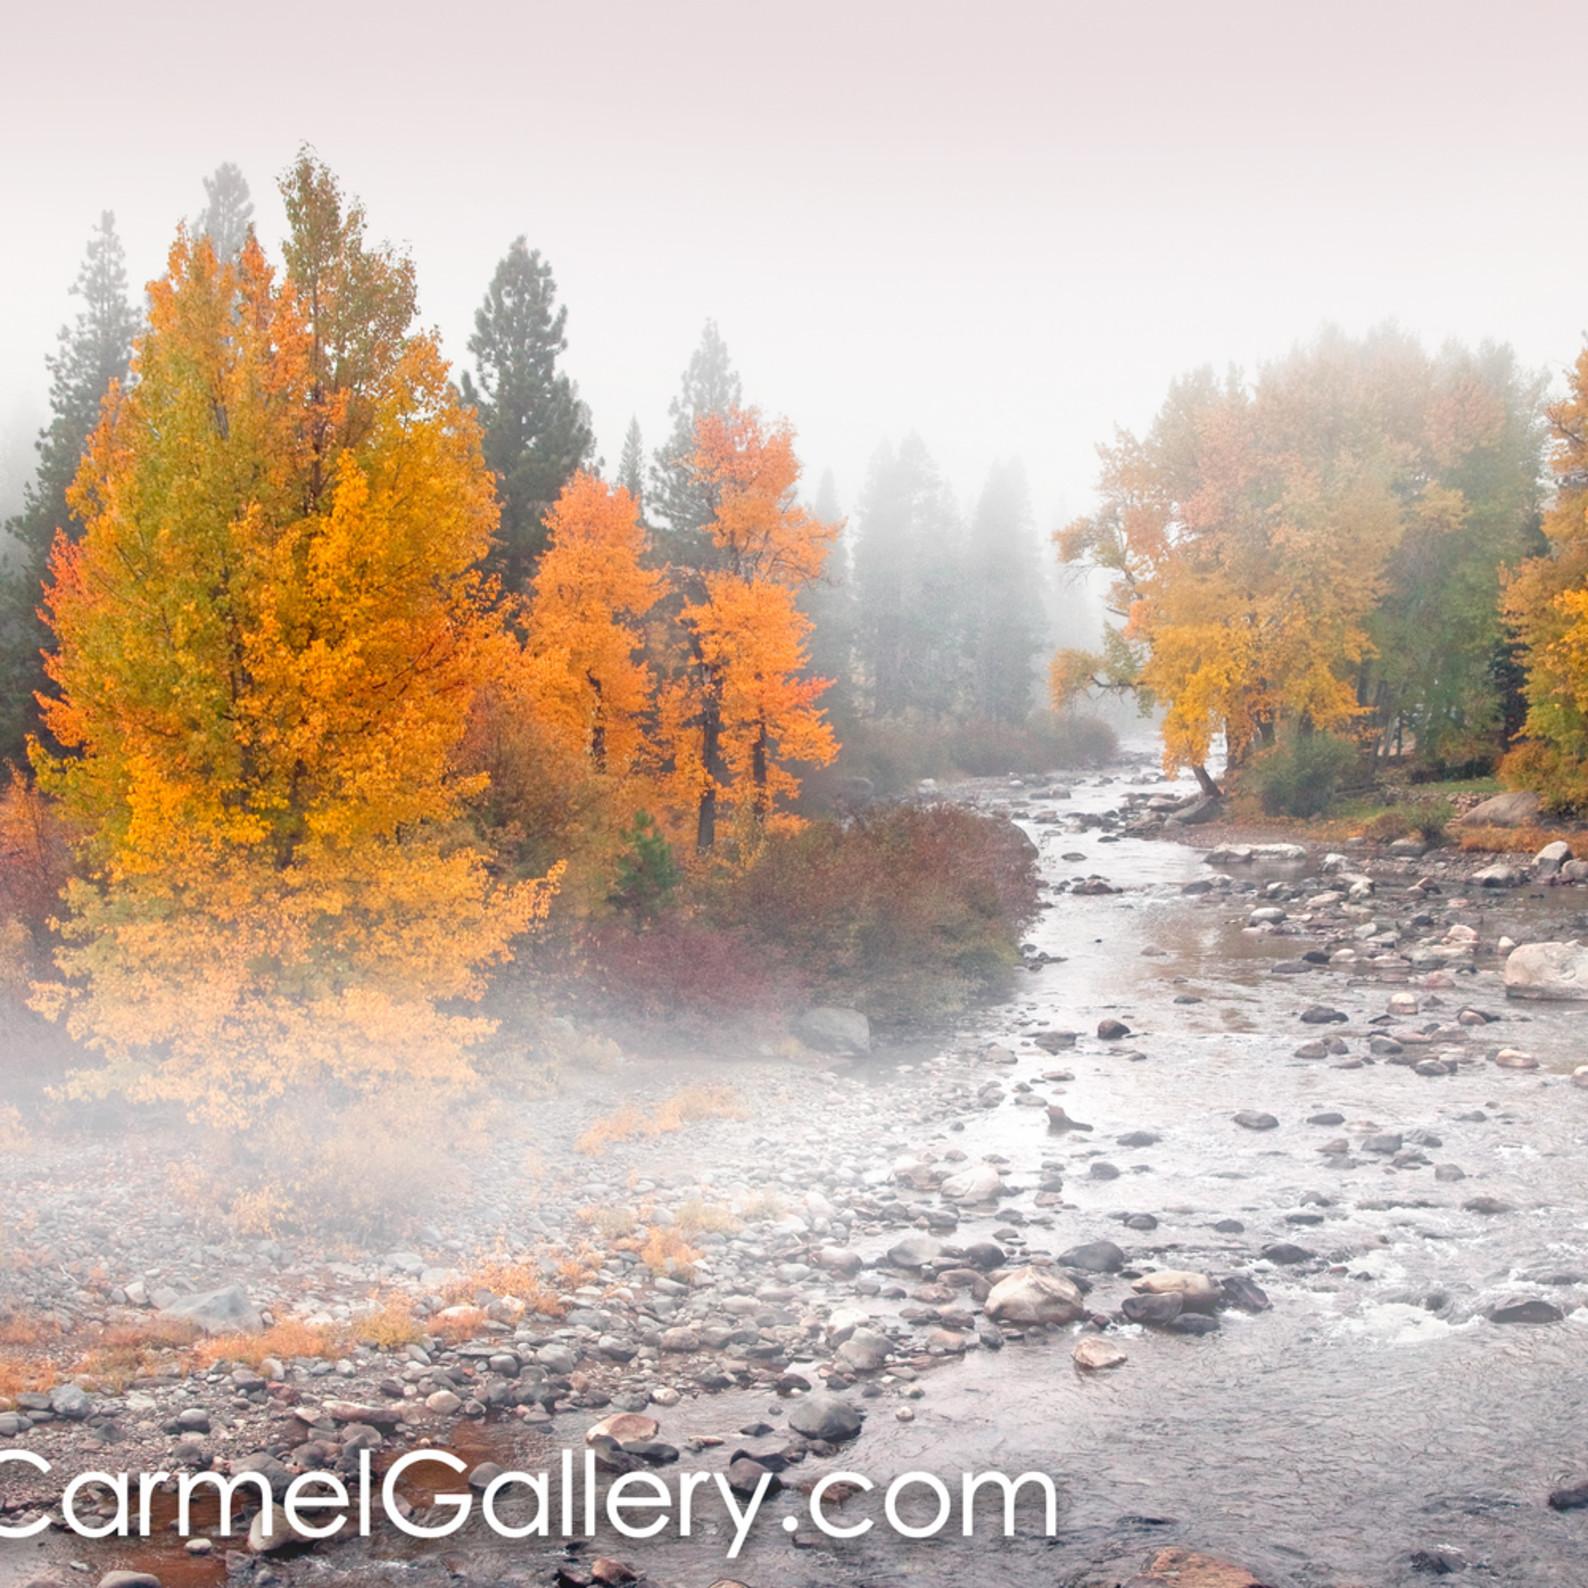 Autumn mist truckee river cherwg